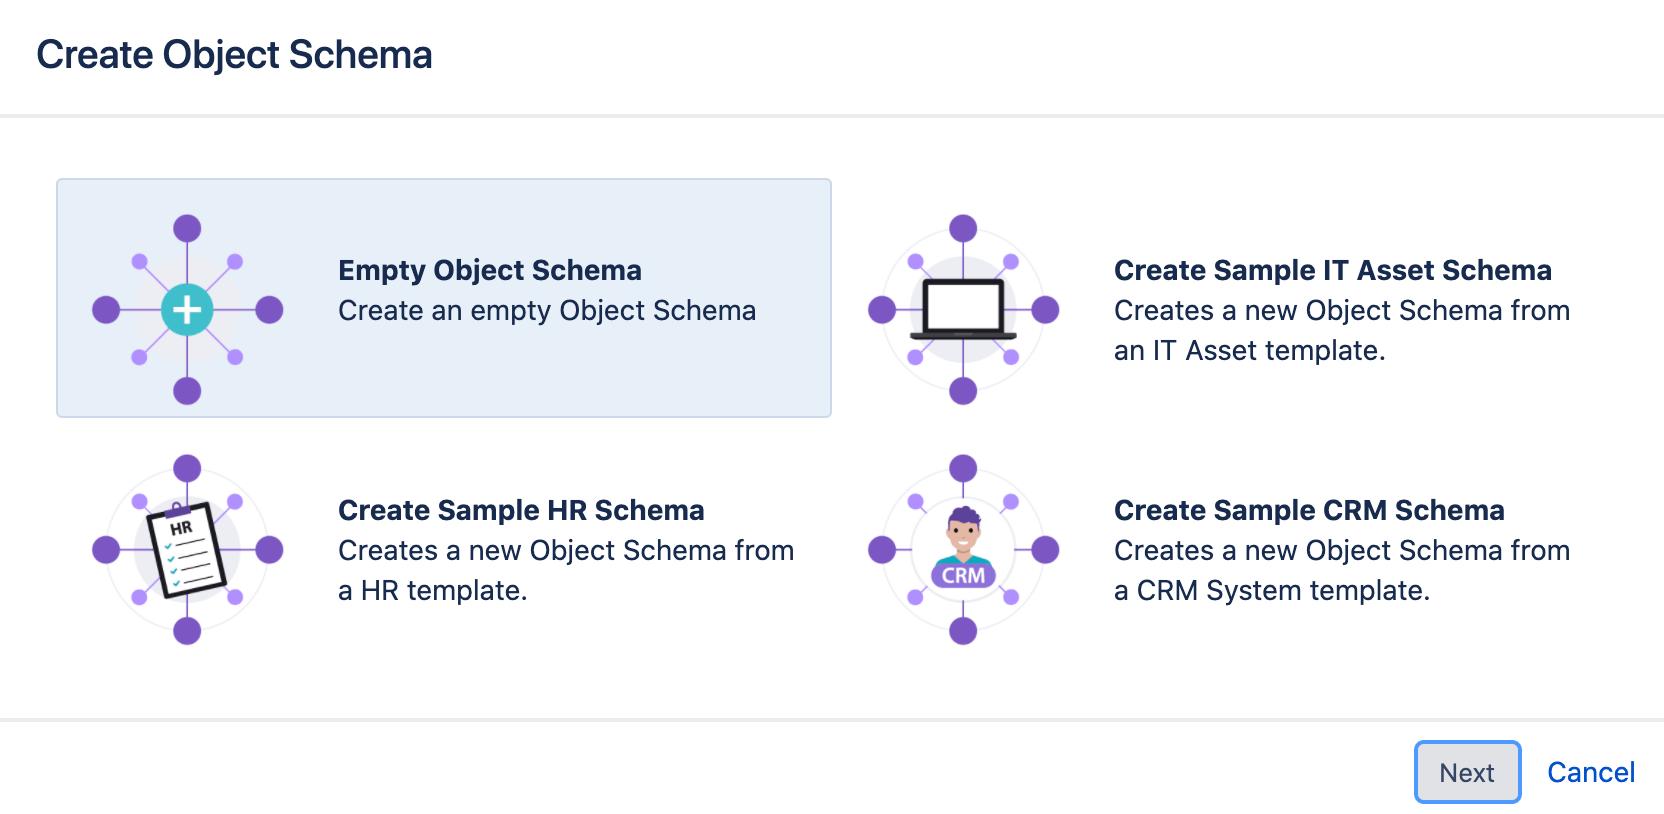 Object schema create form with the options of empty schema, IT asset schema, HR schema and CRM schema.